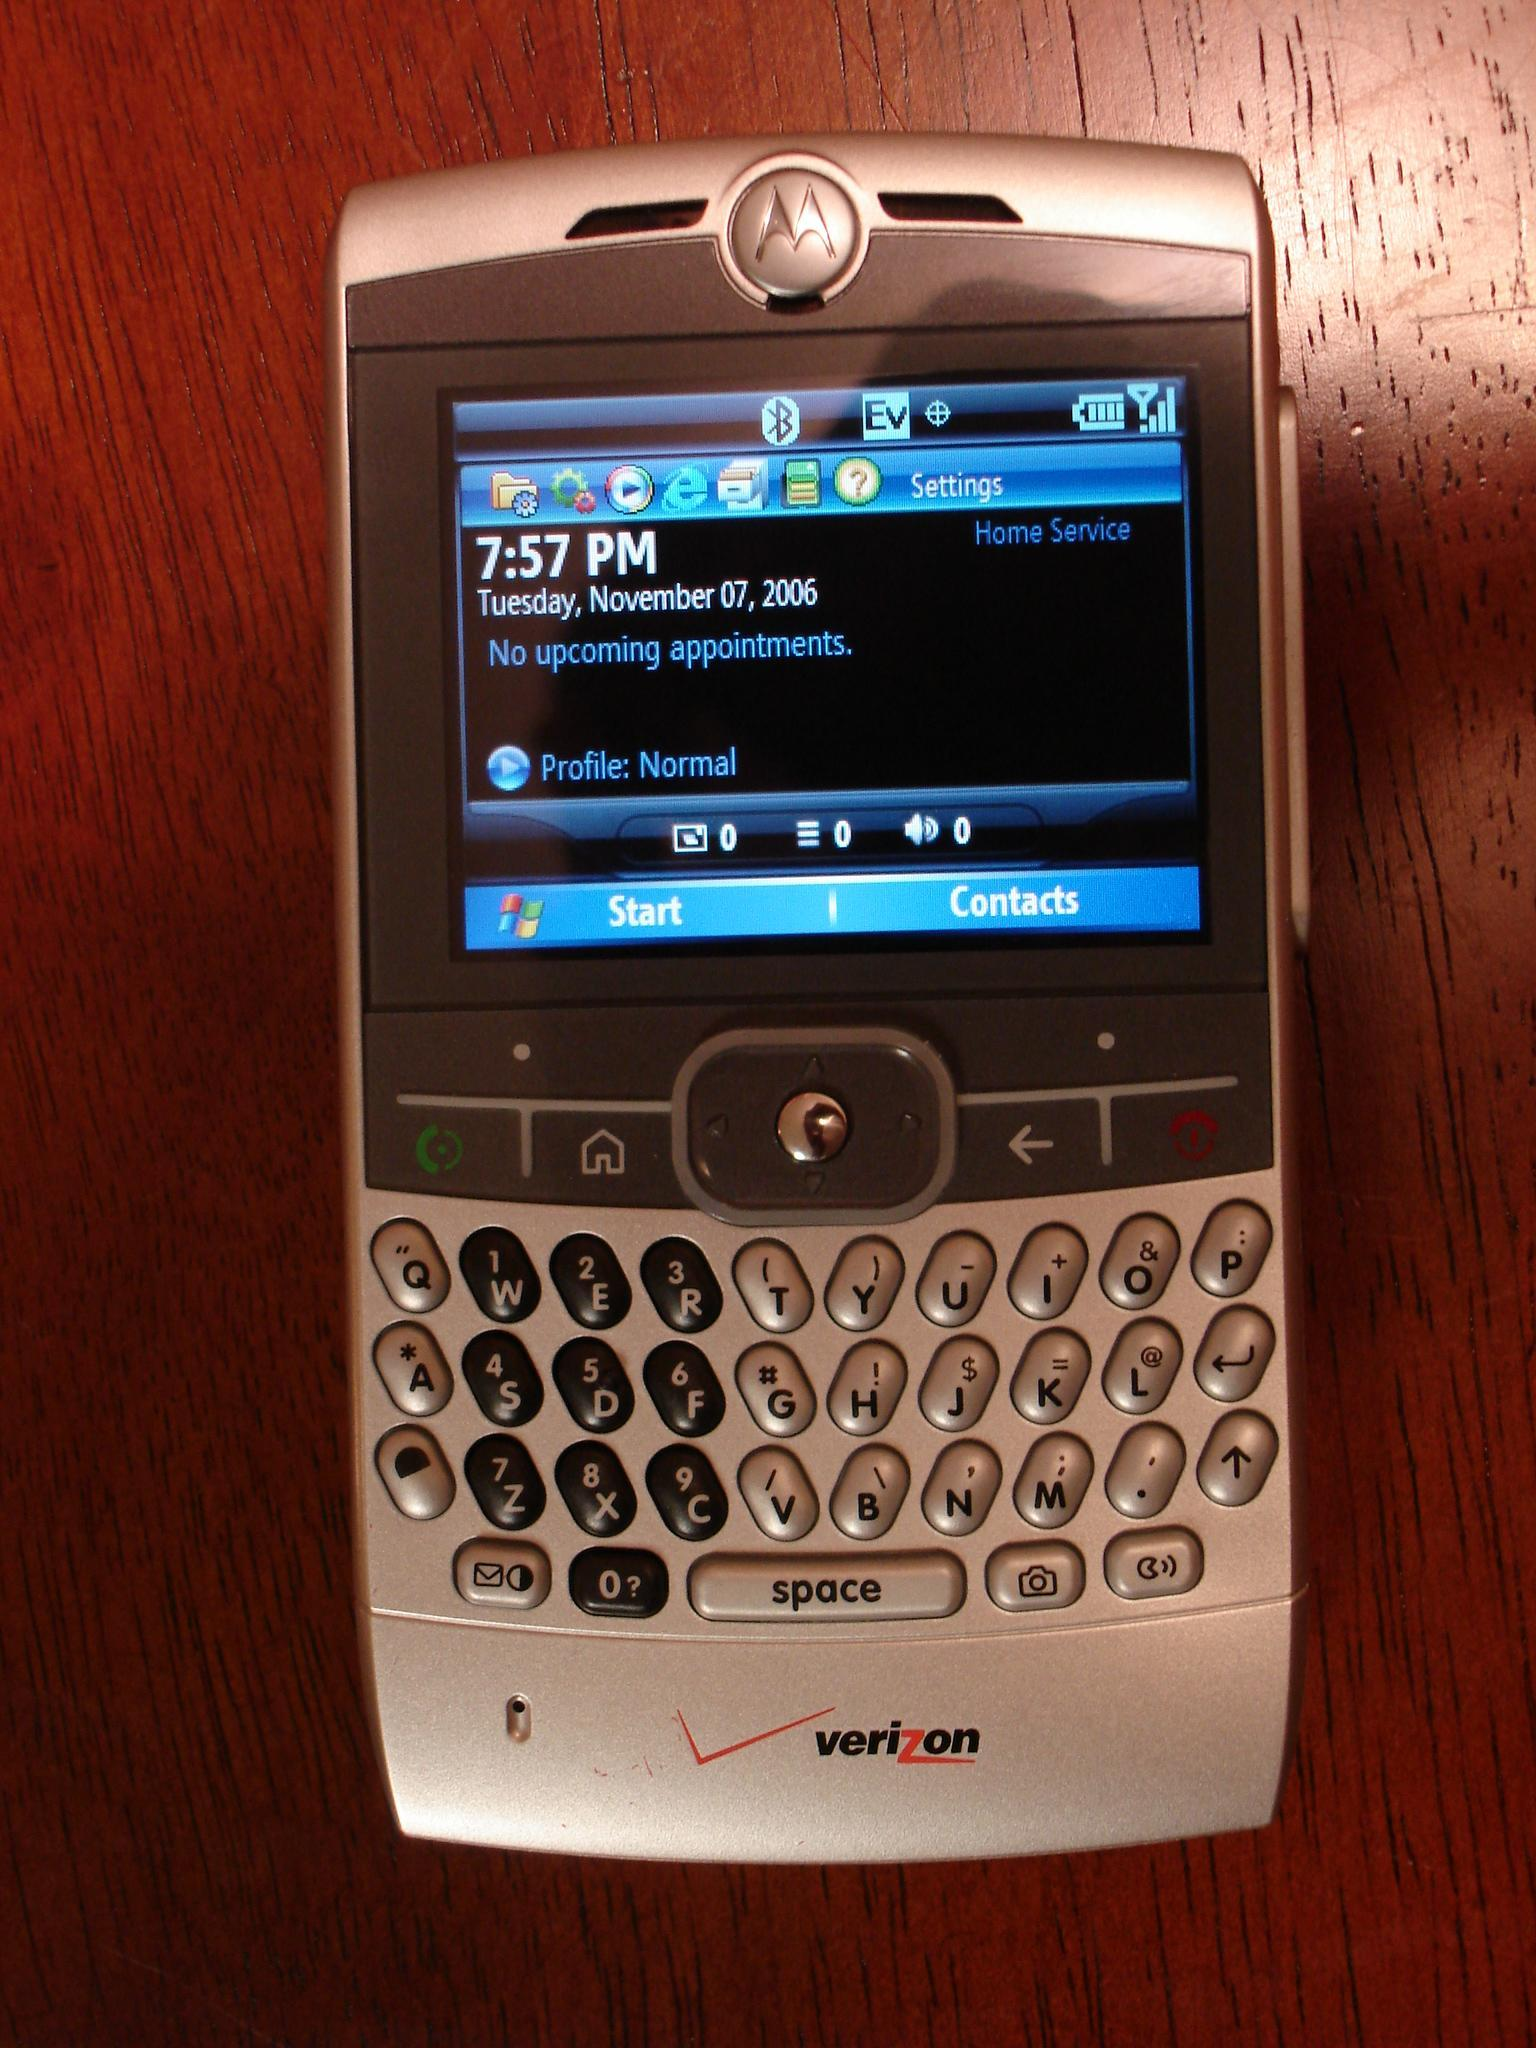 Microsoft windows mobile wikipedia for Mobil wikipedia